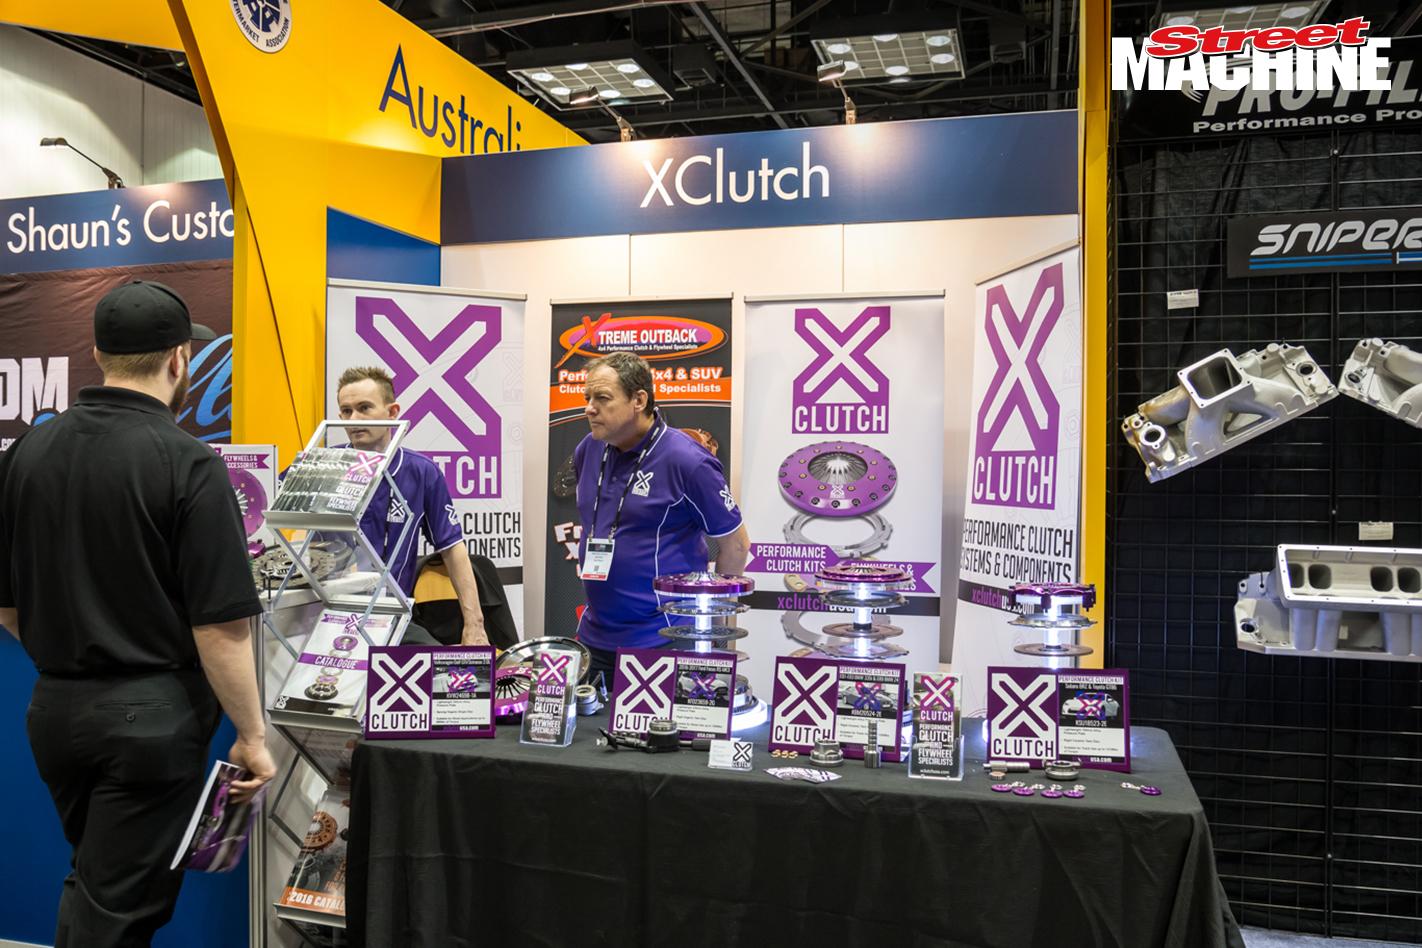 X Clutch 6537